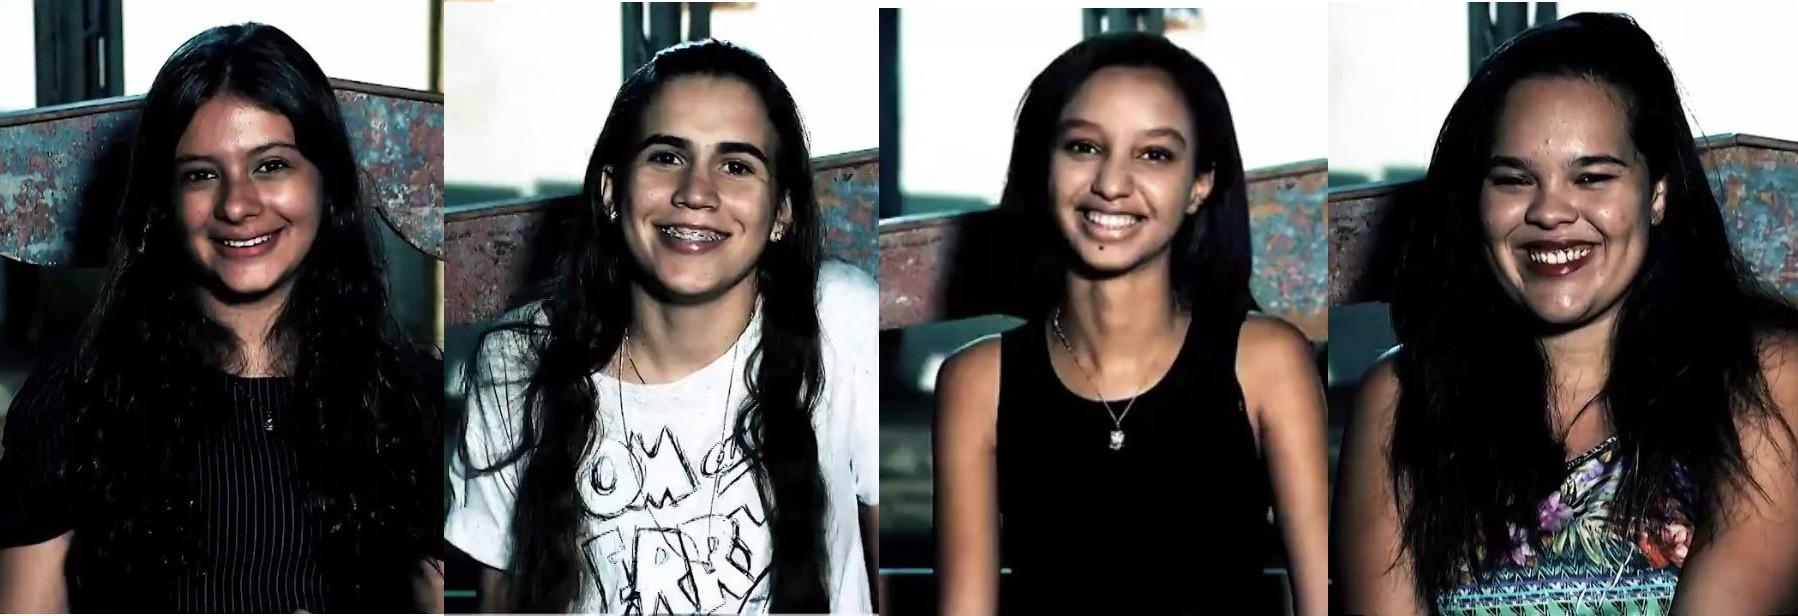 Luana, Bia, Vanessa, e Talita foram convidadas para fazer as perguntas à Paula Pimenta (Foto: Divulgação)